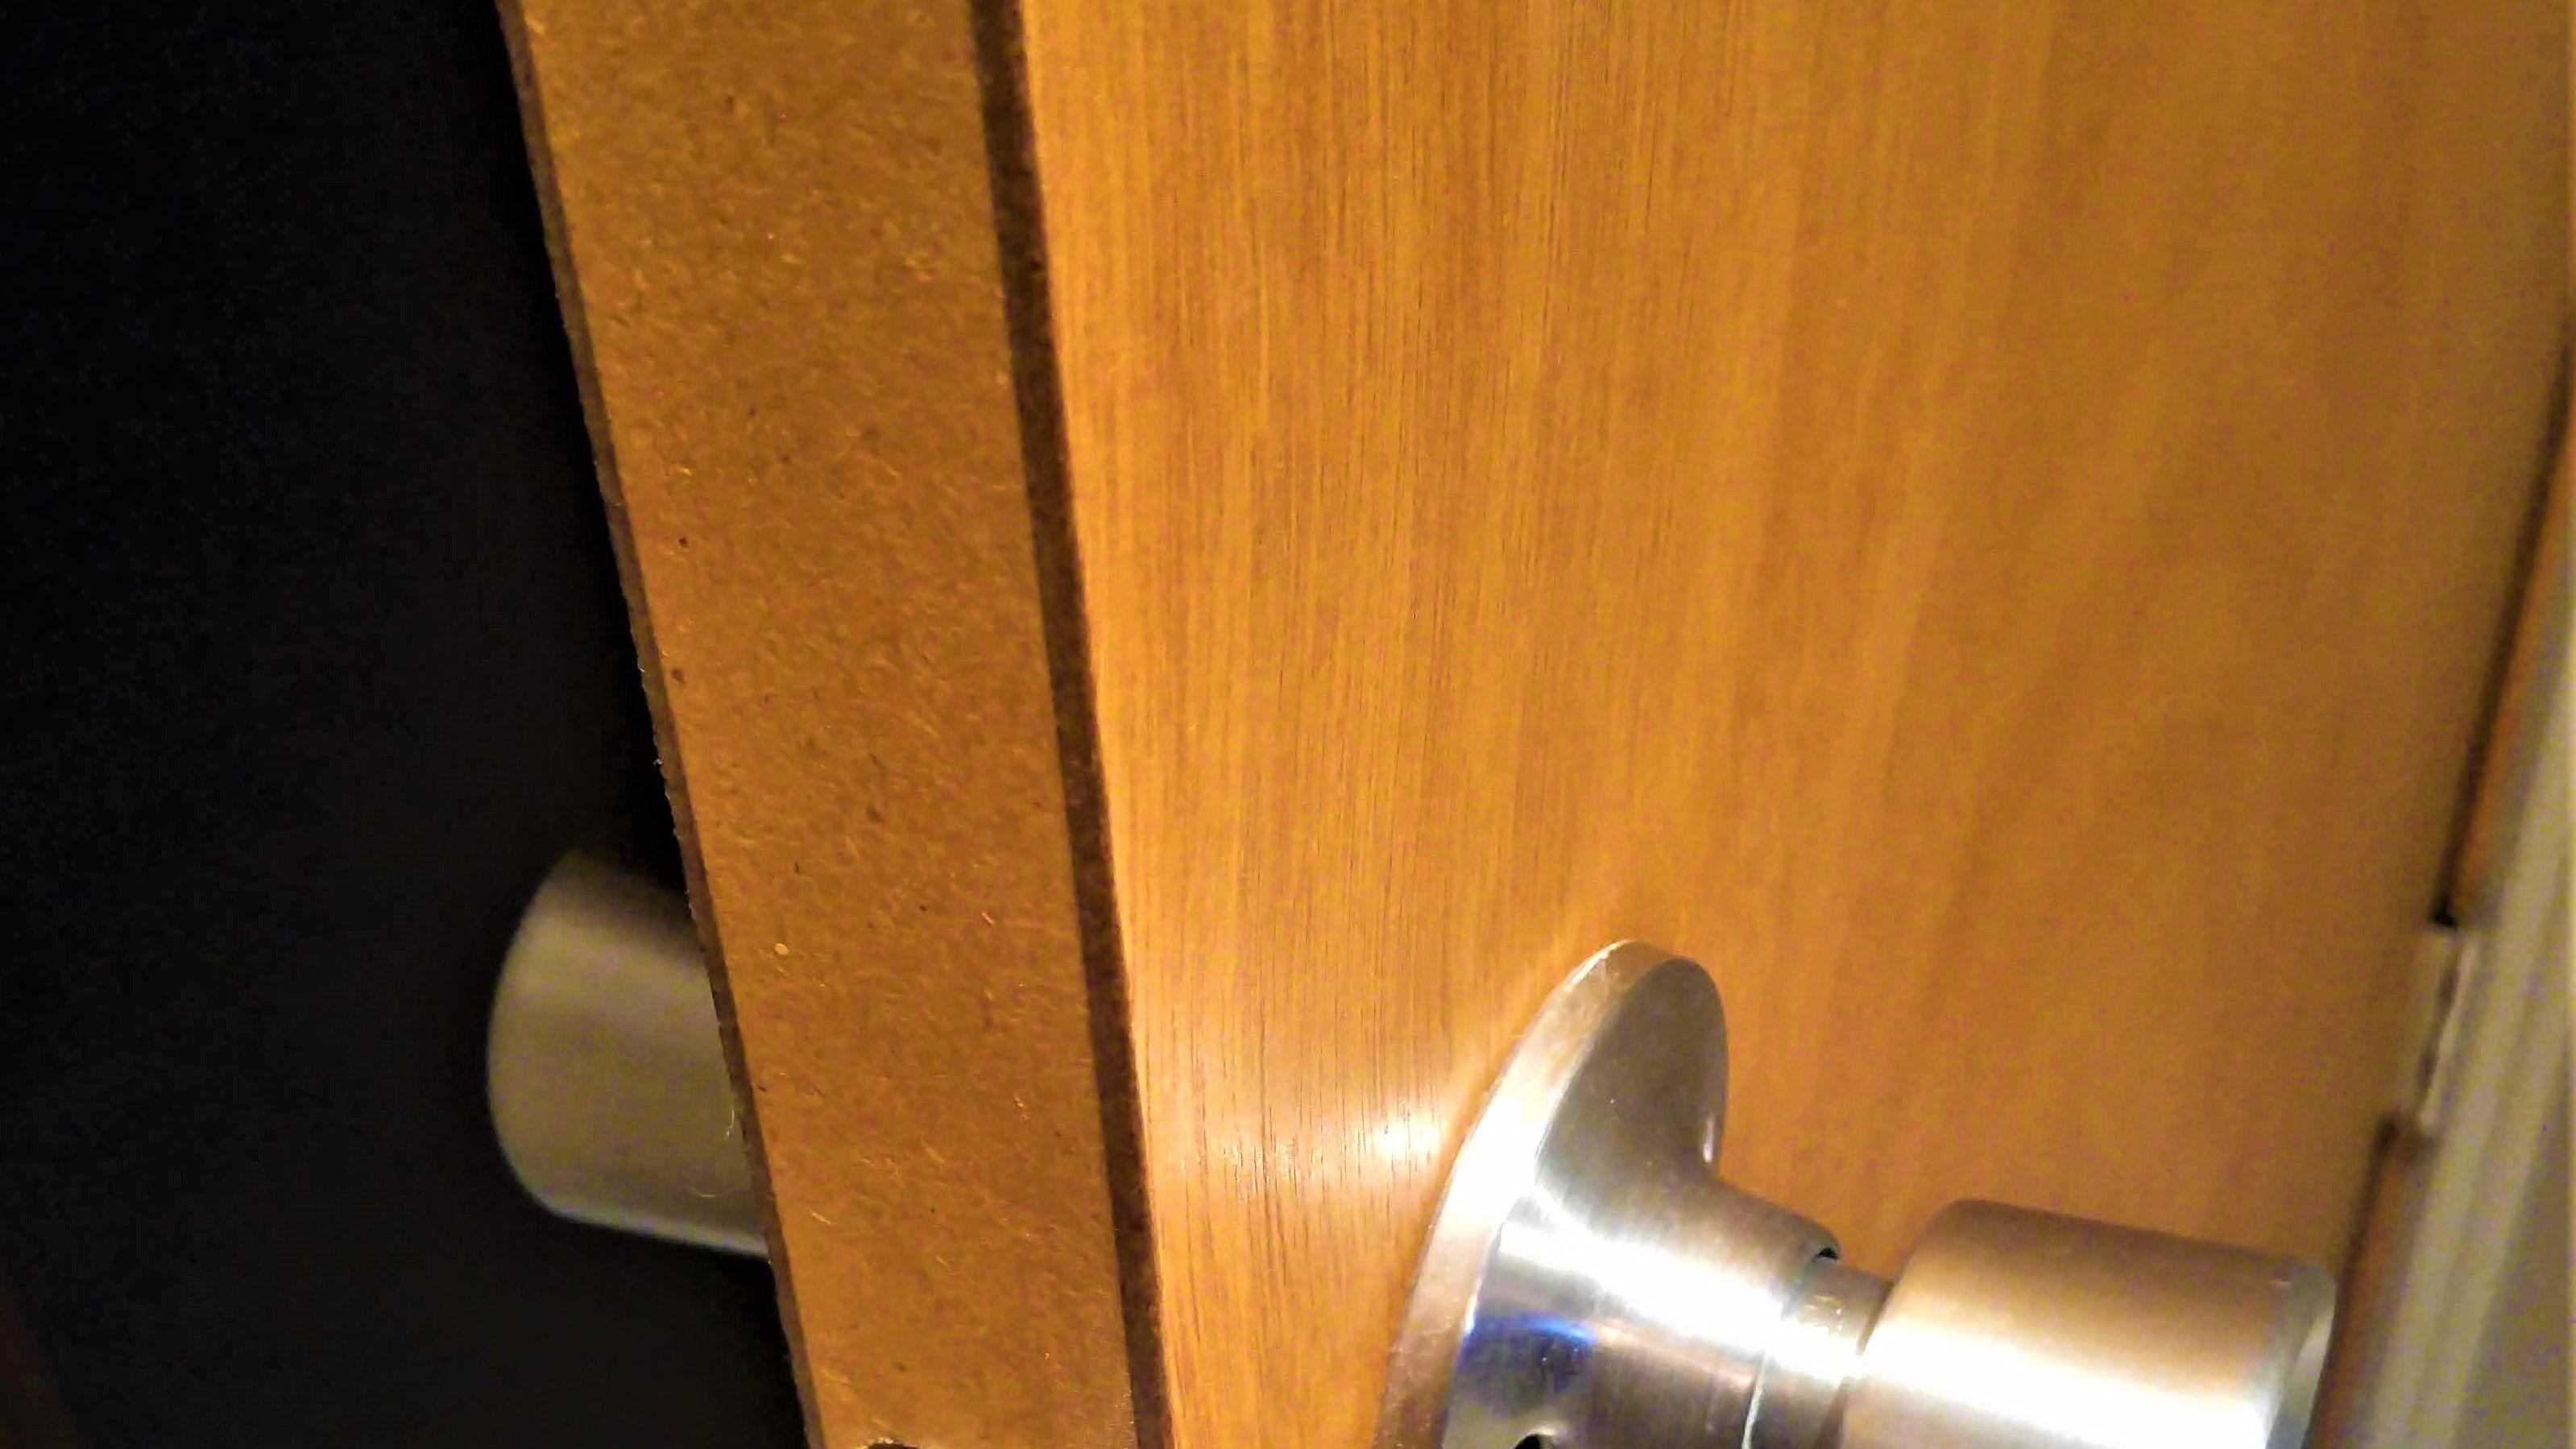 heavy duty steel small decorative indooroutdoor firewood.htm wood doors solid wood  solid core  and hollow core  wood doors solid wood  solid core  and